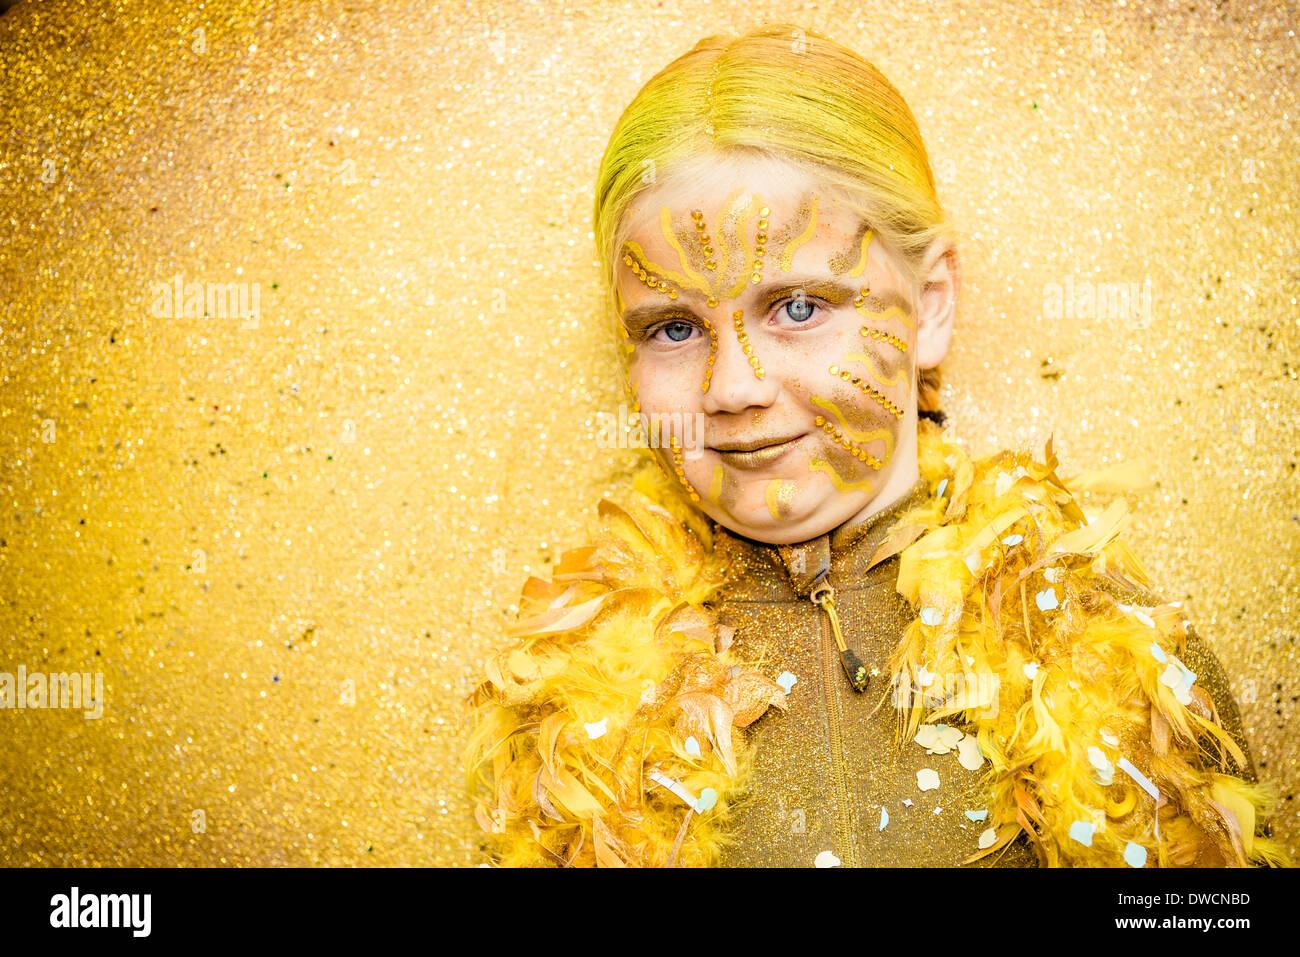 Sitges, España. Marzo 4th, 2014: una niña en un traje de fantasía danzas de los niños durante el desfile de carnaval Foto de stock